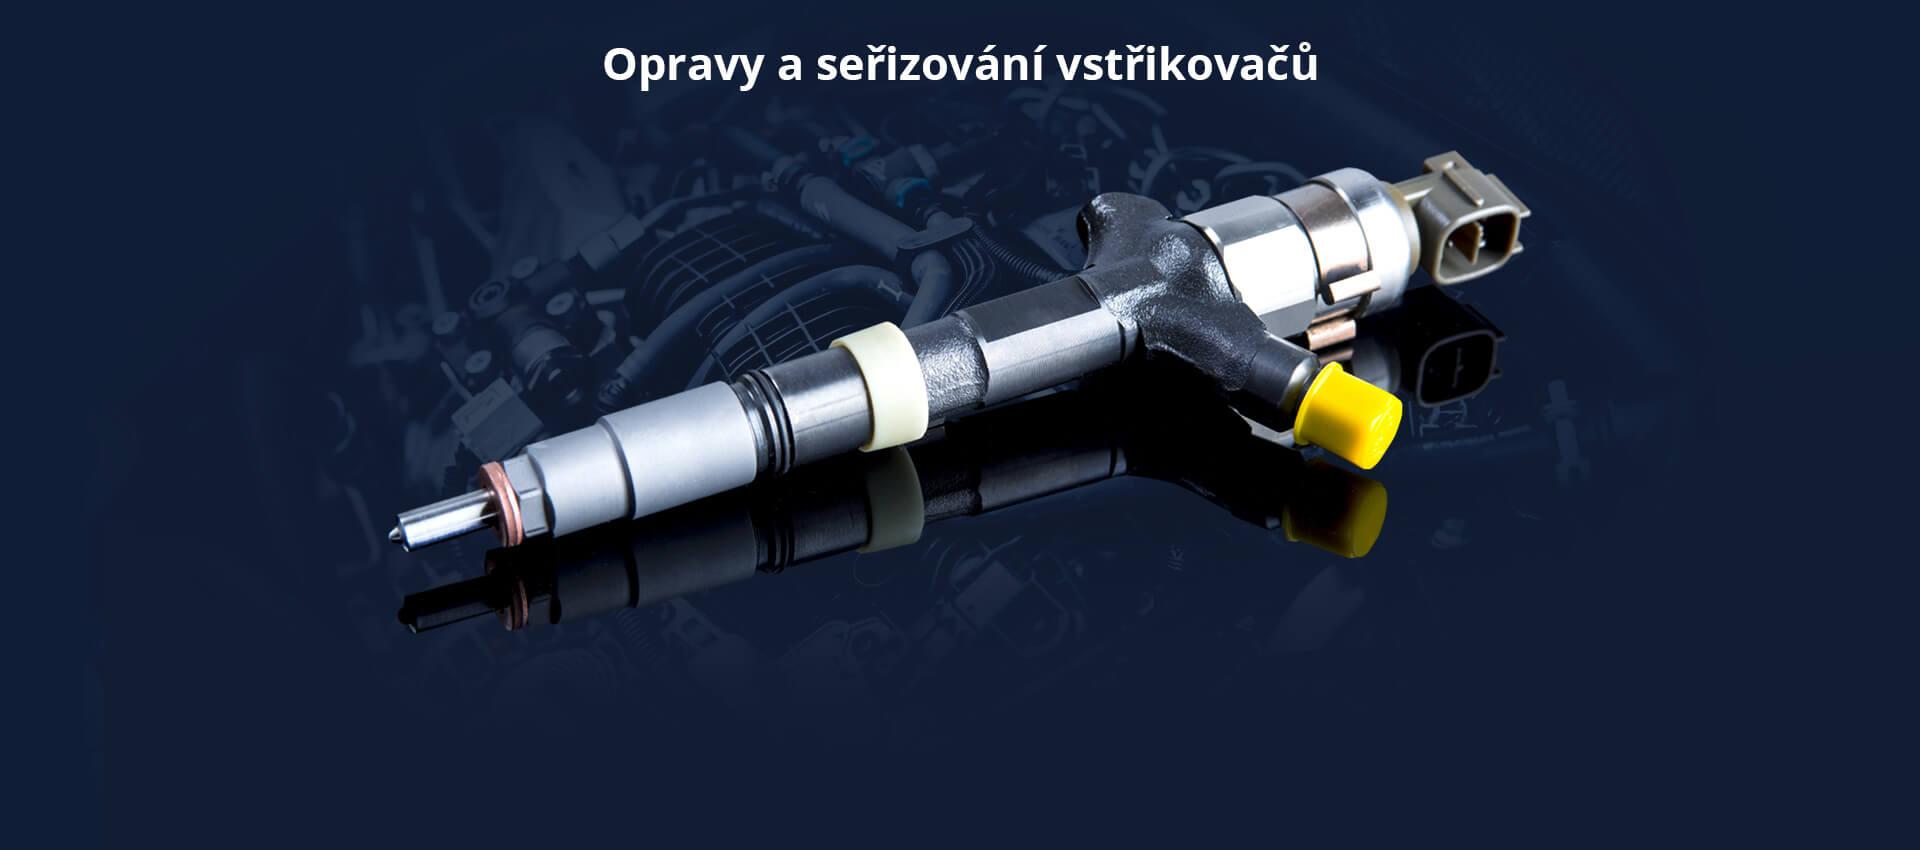 Opravy a seřizování vstřikovačů Autodiesel Laszák